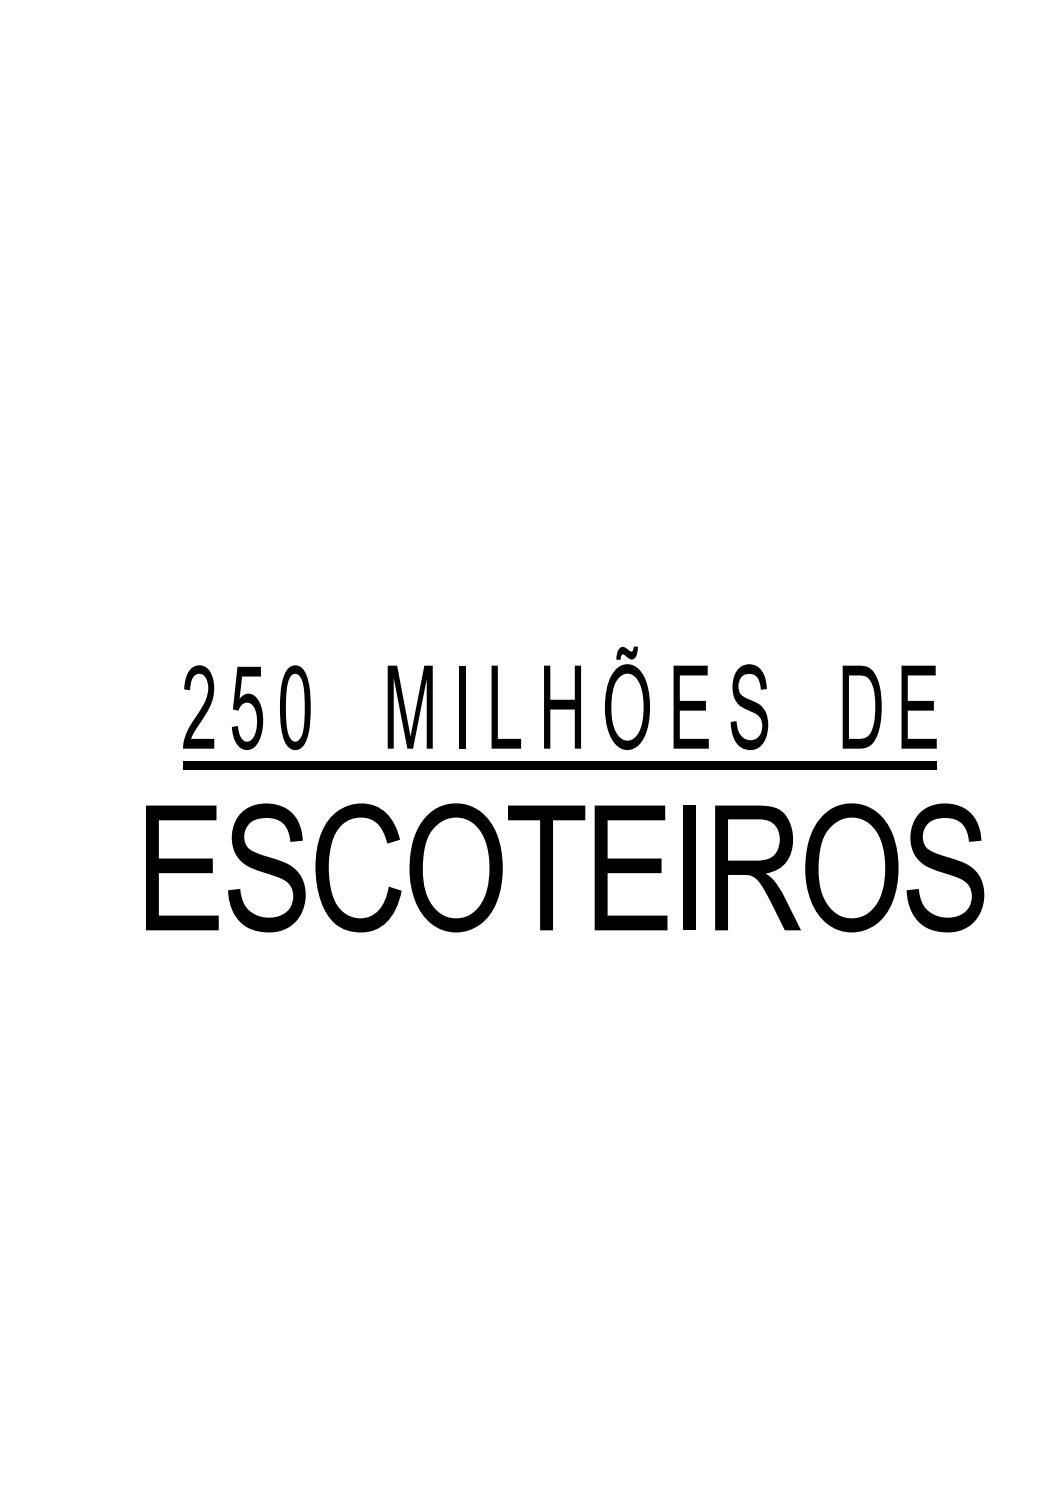 250 milhões de escoteiros by Chefe Du - issuu d71485764cd